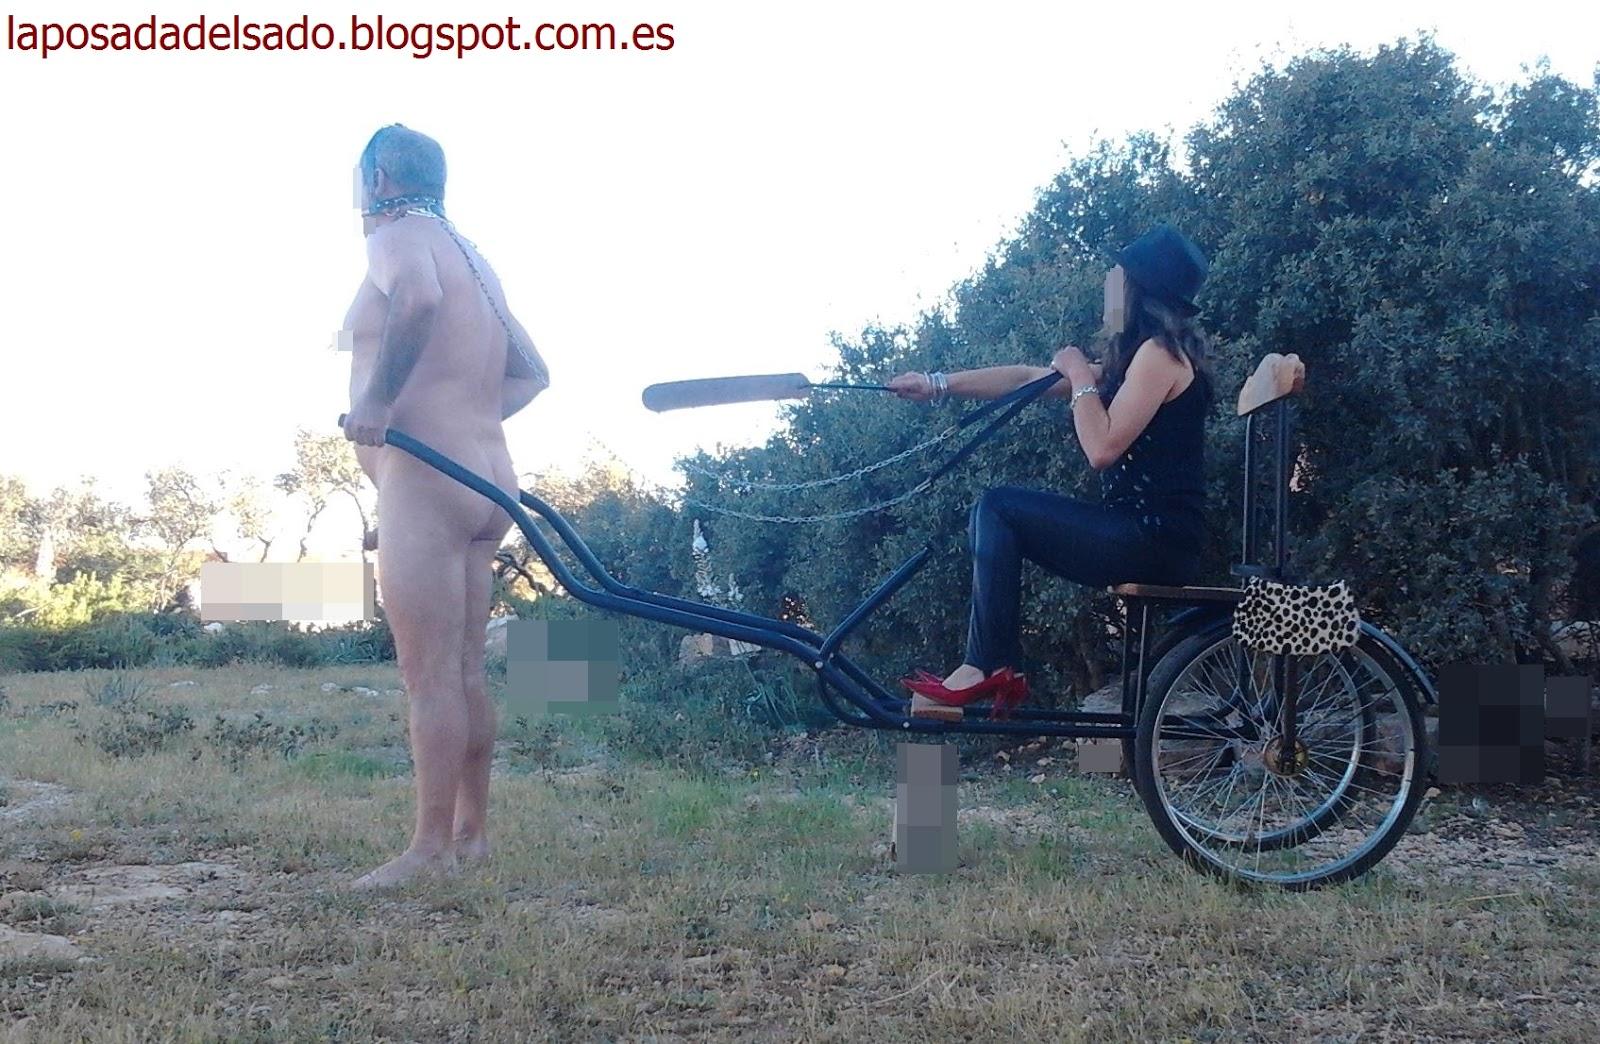 Enculando a un esclavo en el cepo plegable - 3 4